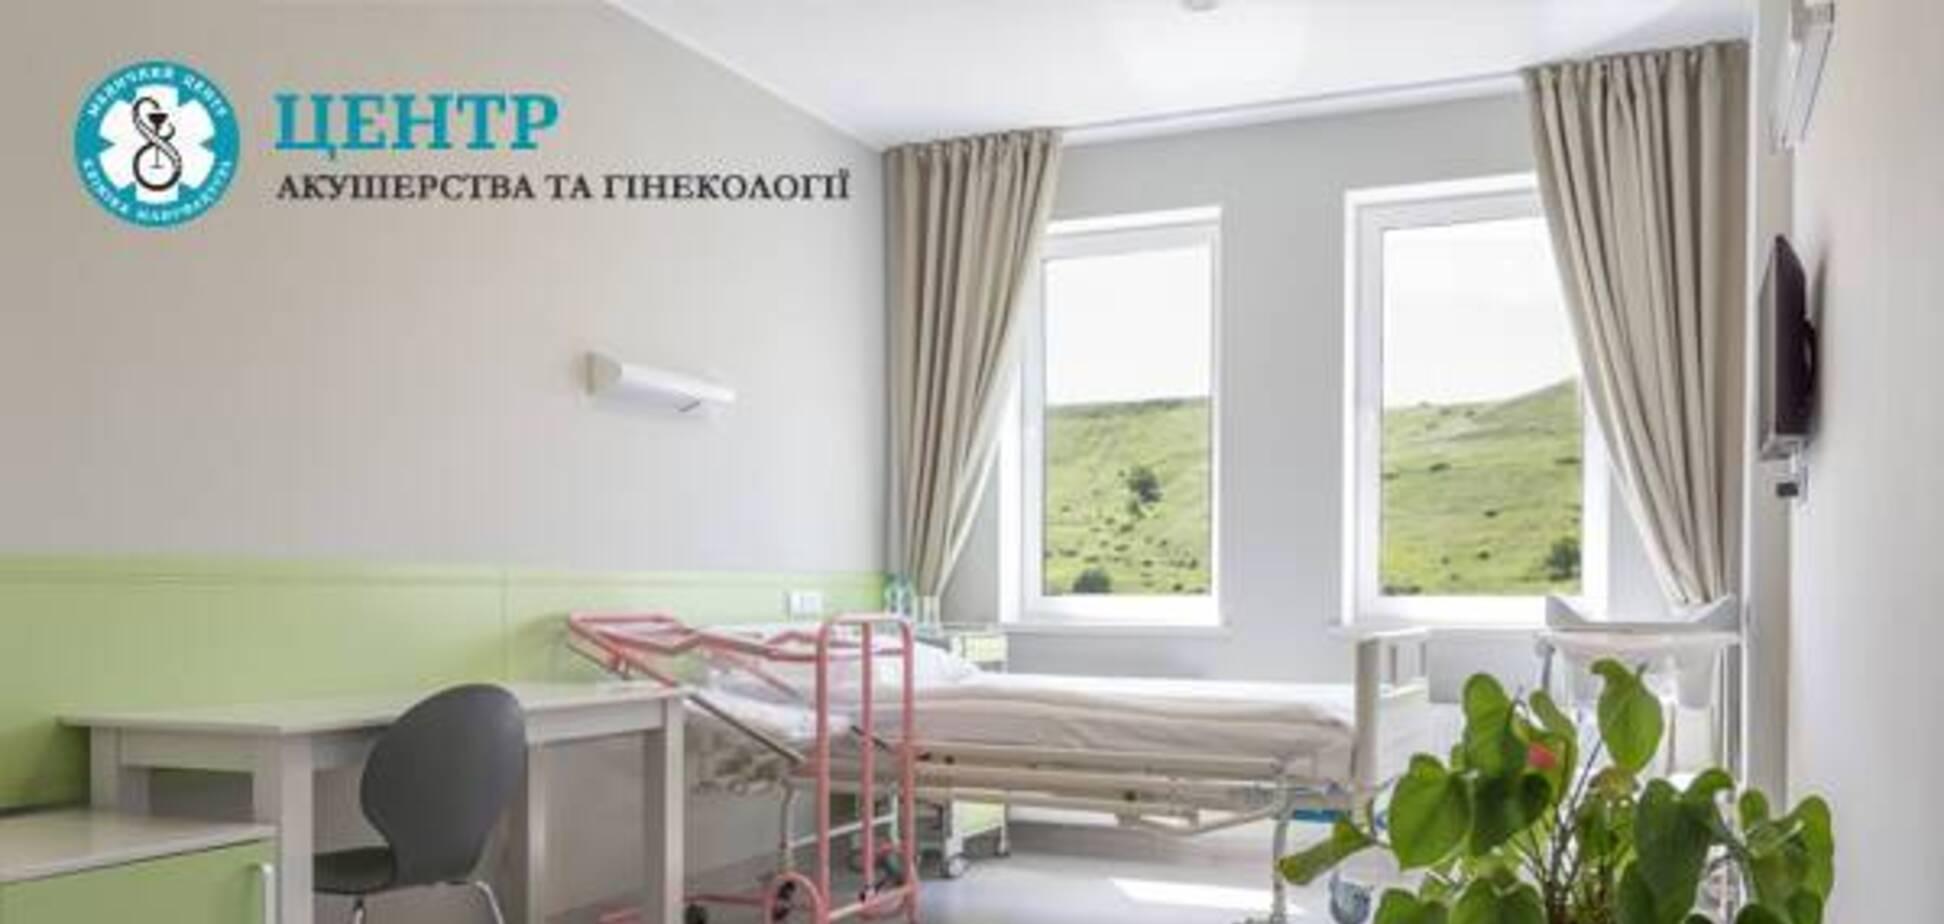 У Києві відкрили новий сучасний центр акушерства та гінекології